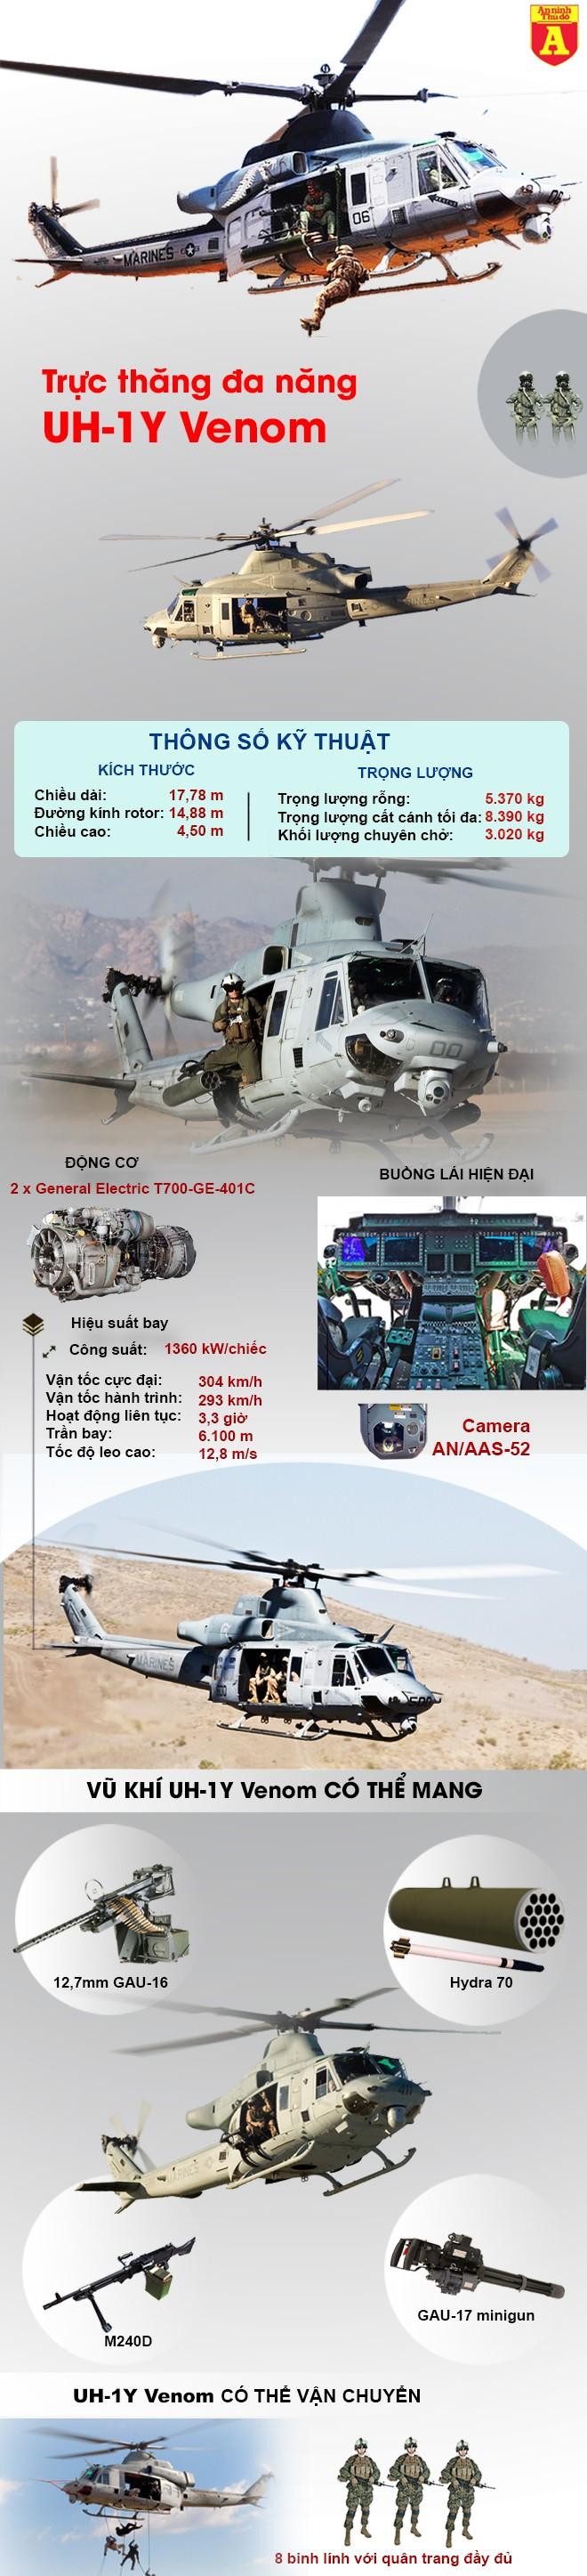 [Infographic] Không ngờ phiên bản hiện đại nhất của trực thăng UH-1 lại gặp nạn ảnh 3